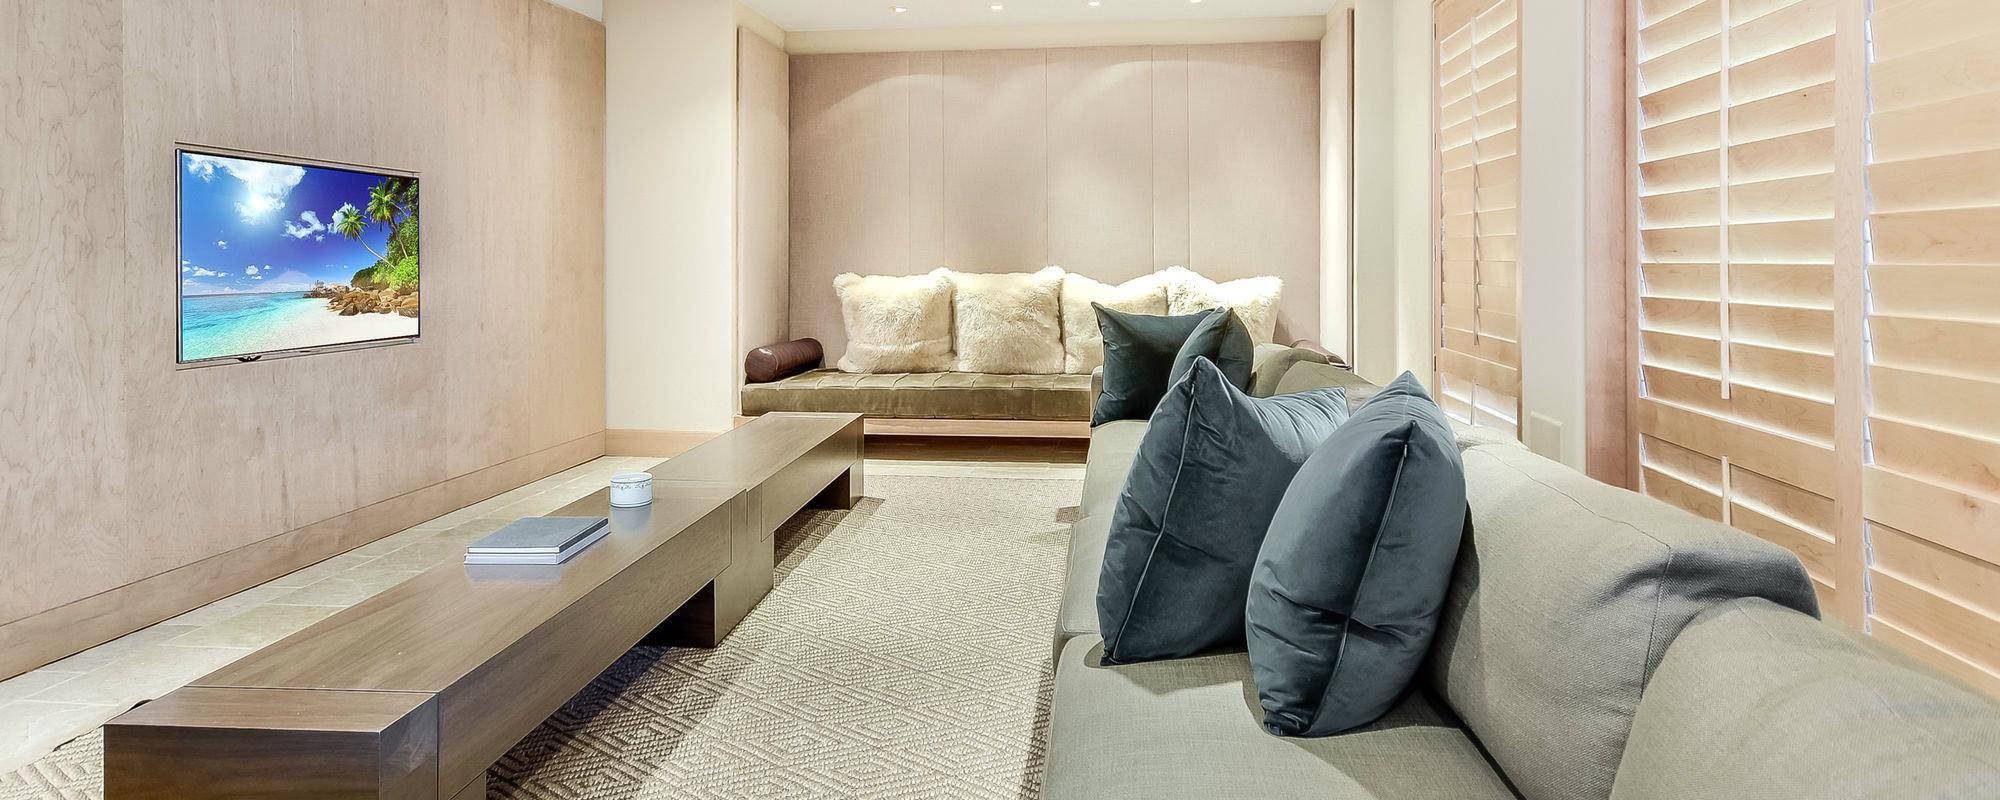 Casa de lujo, casa de decorar, interiorismo de lujo, proyectos de lujo, proyectos arquitectura, proyectos de interiorismo, tendencias 2018, tendencias decorar